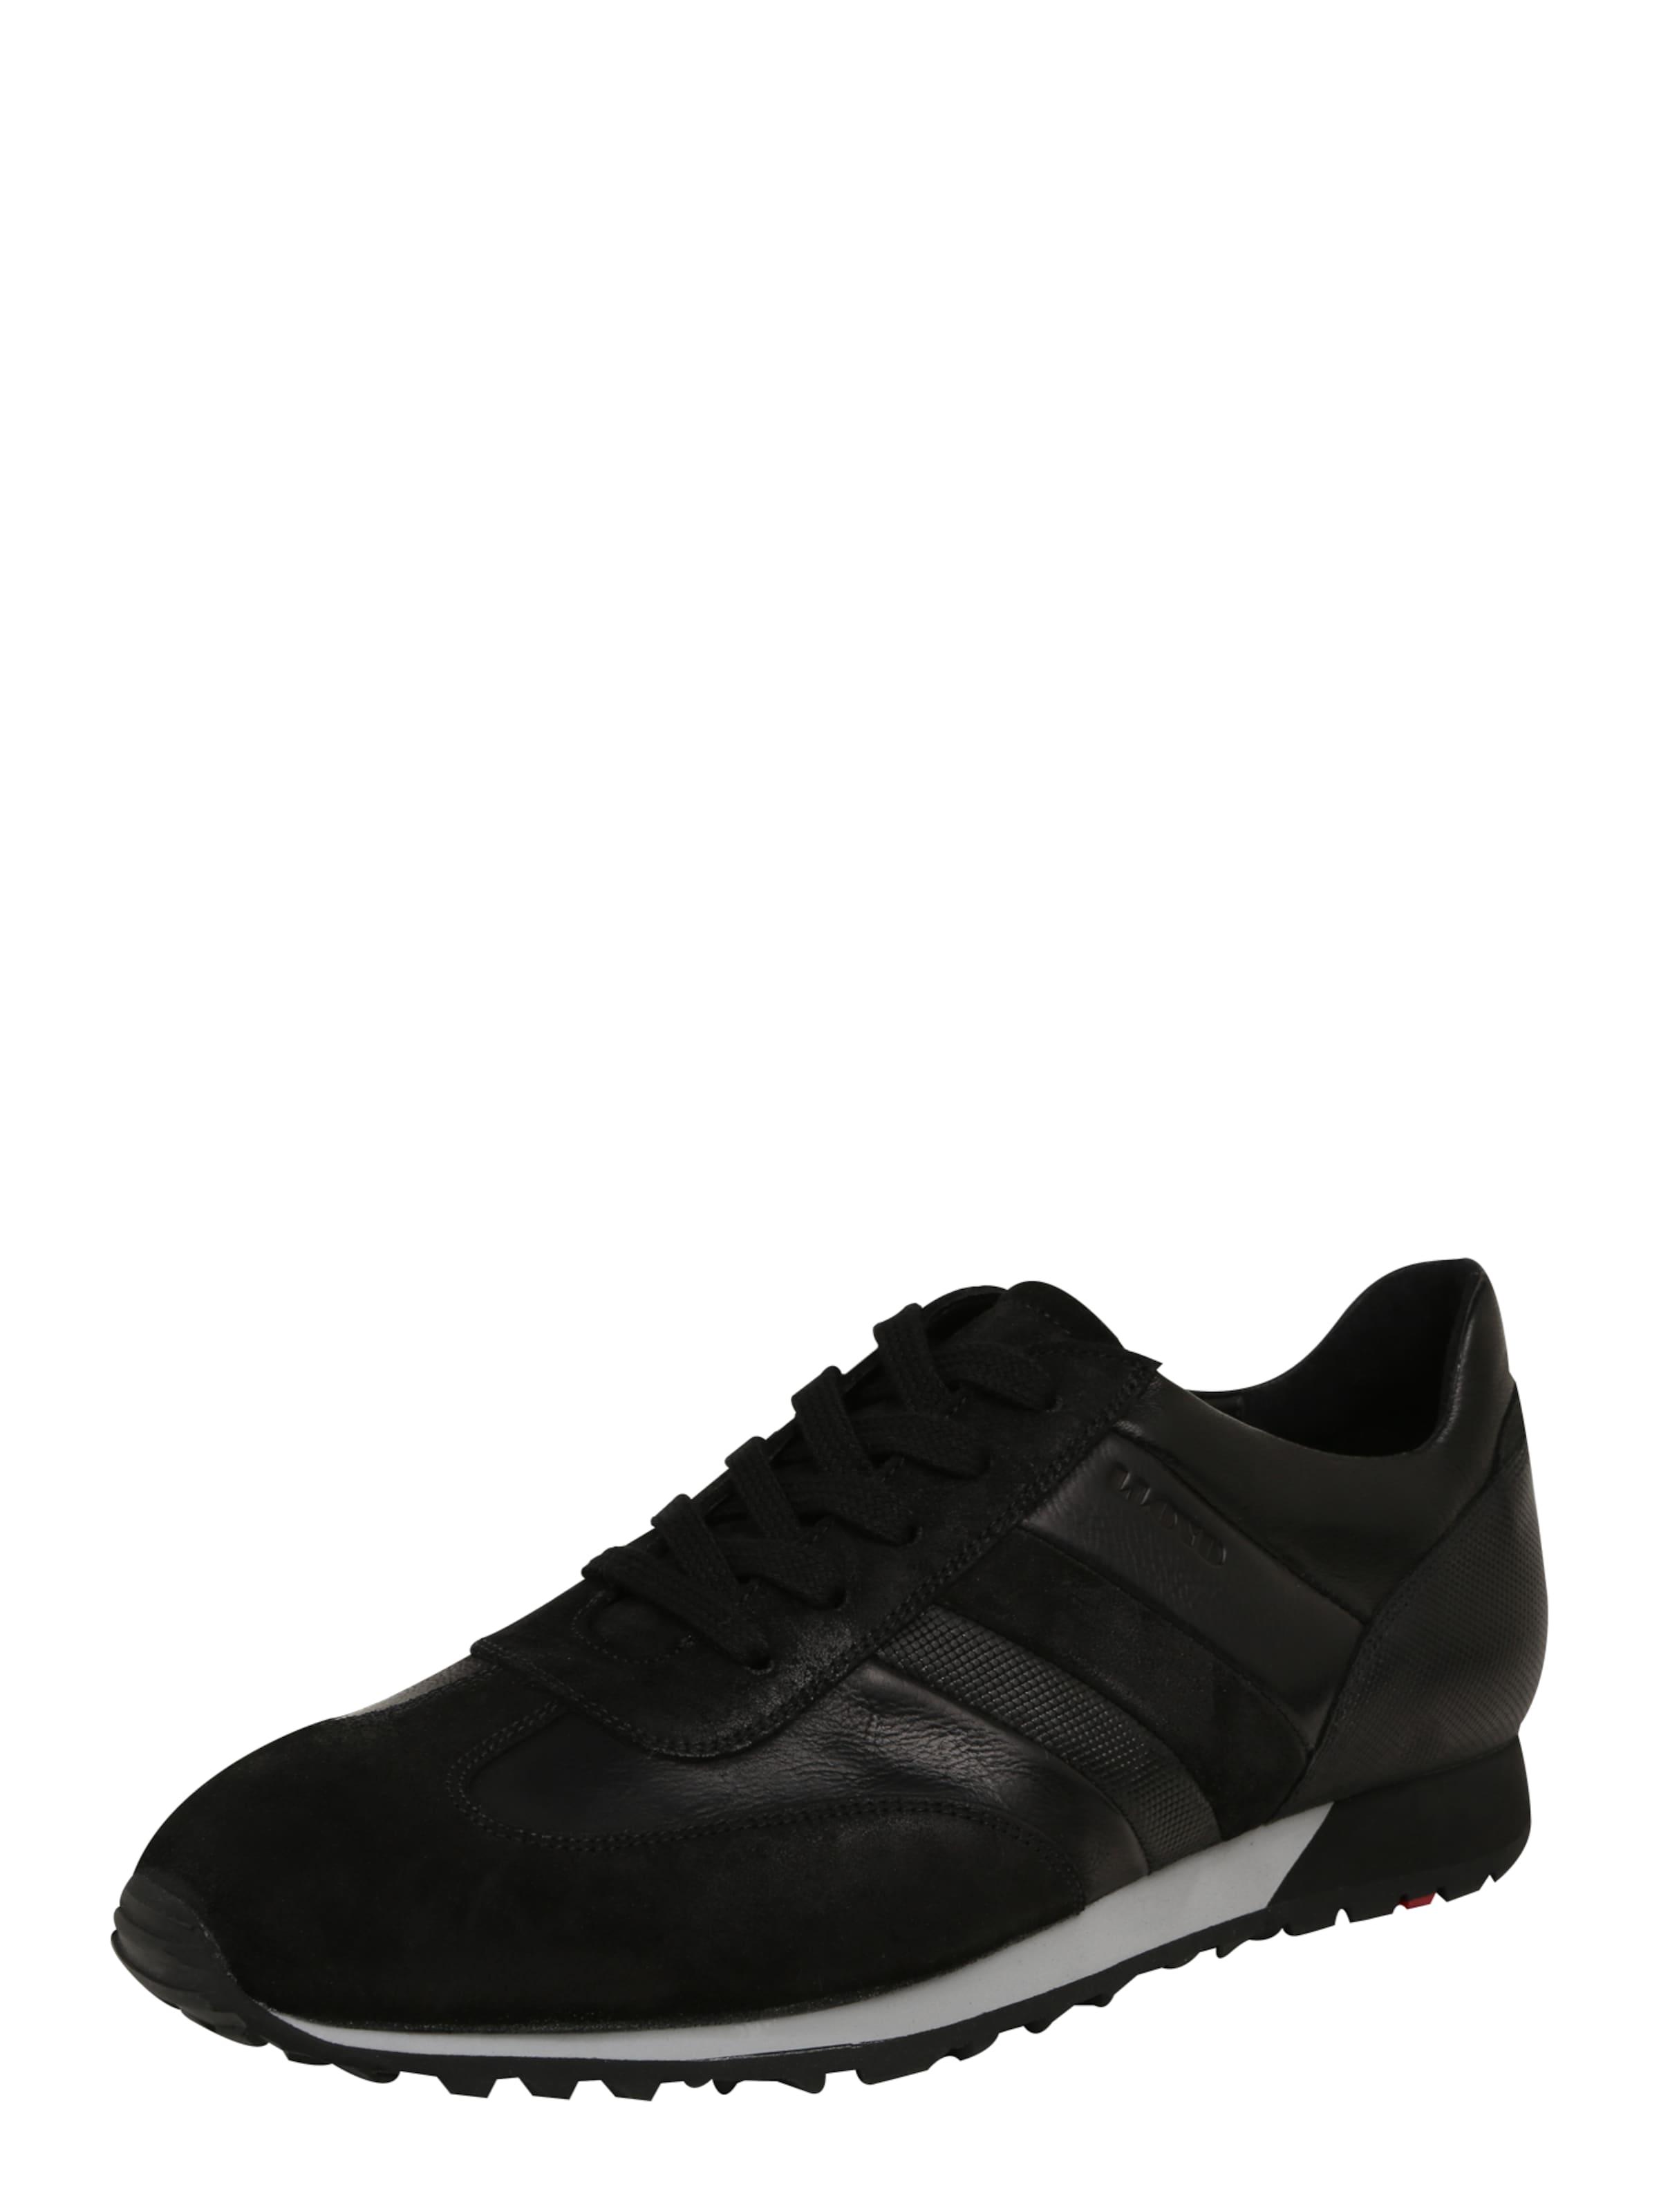 Sneaker In Lloyd Sneaker Lloyd Schwarz In Lloyd 'agon' 'agon' 'agon' Sneaker Schwarz uc51TFK3Jl